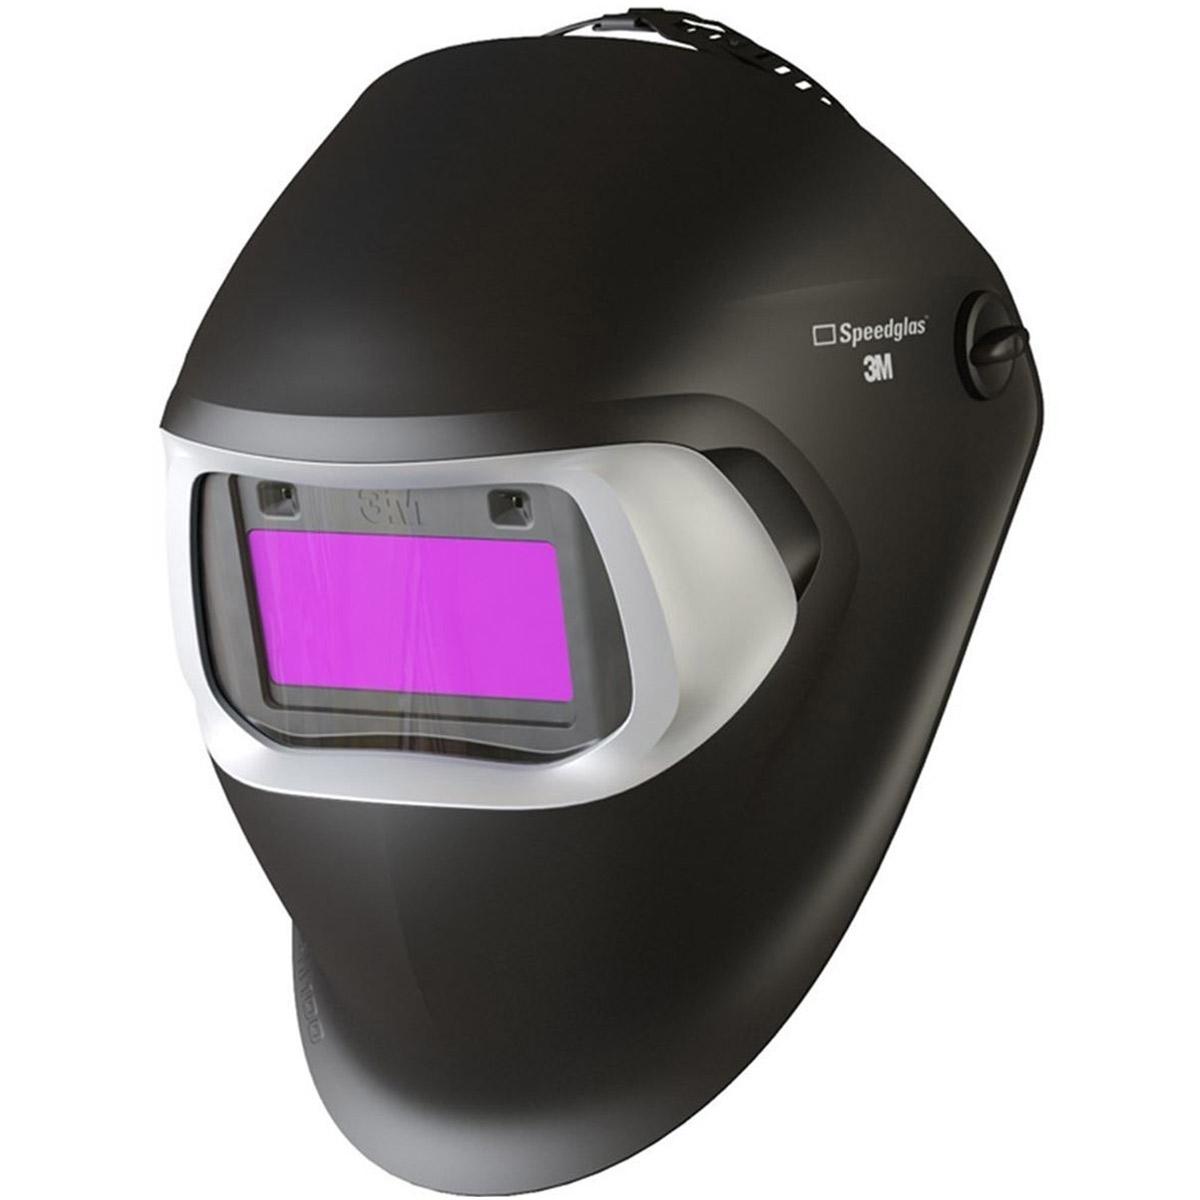 3M(スリーエム) スピードグラス 自動遮光溶接面 100V [751120]